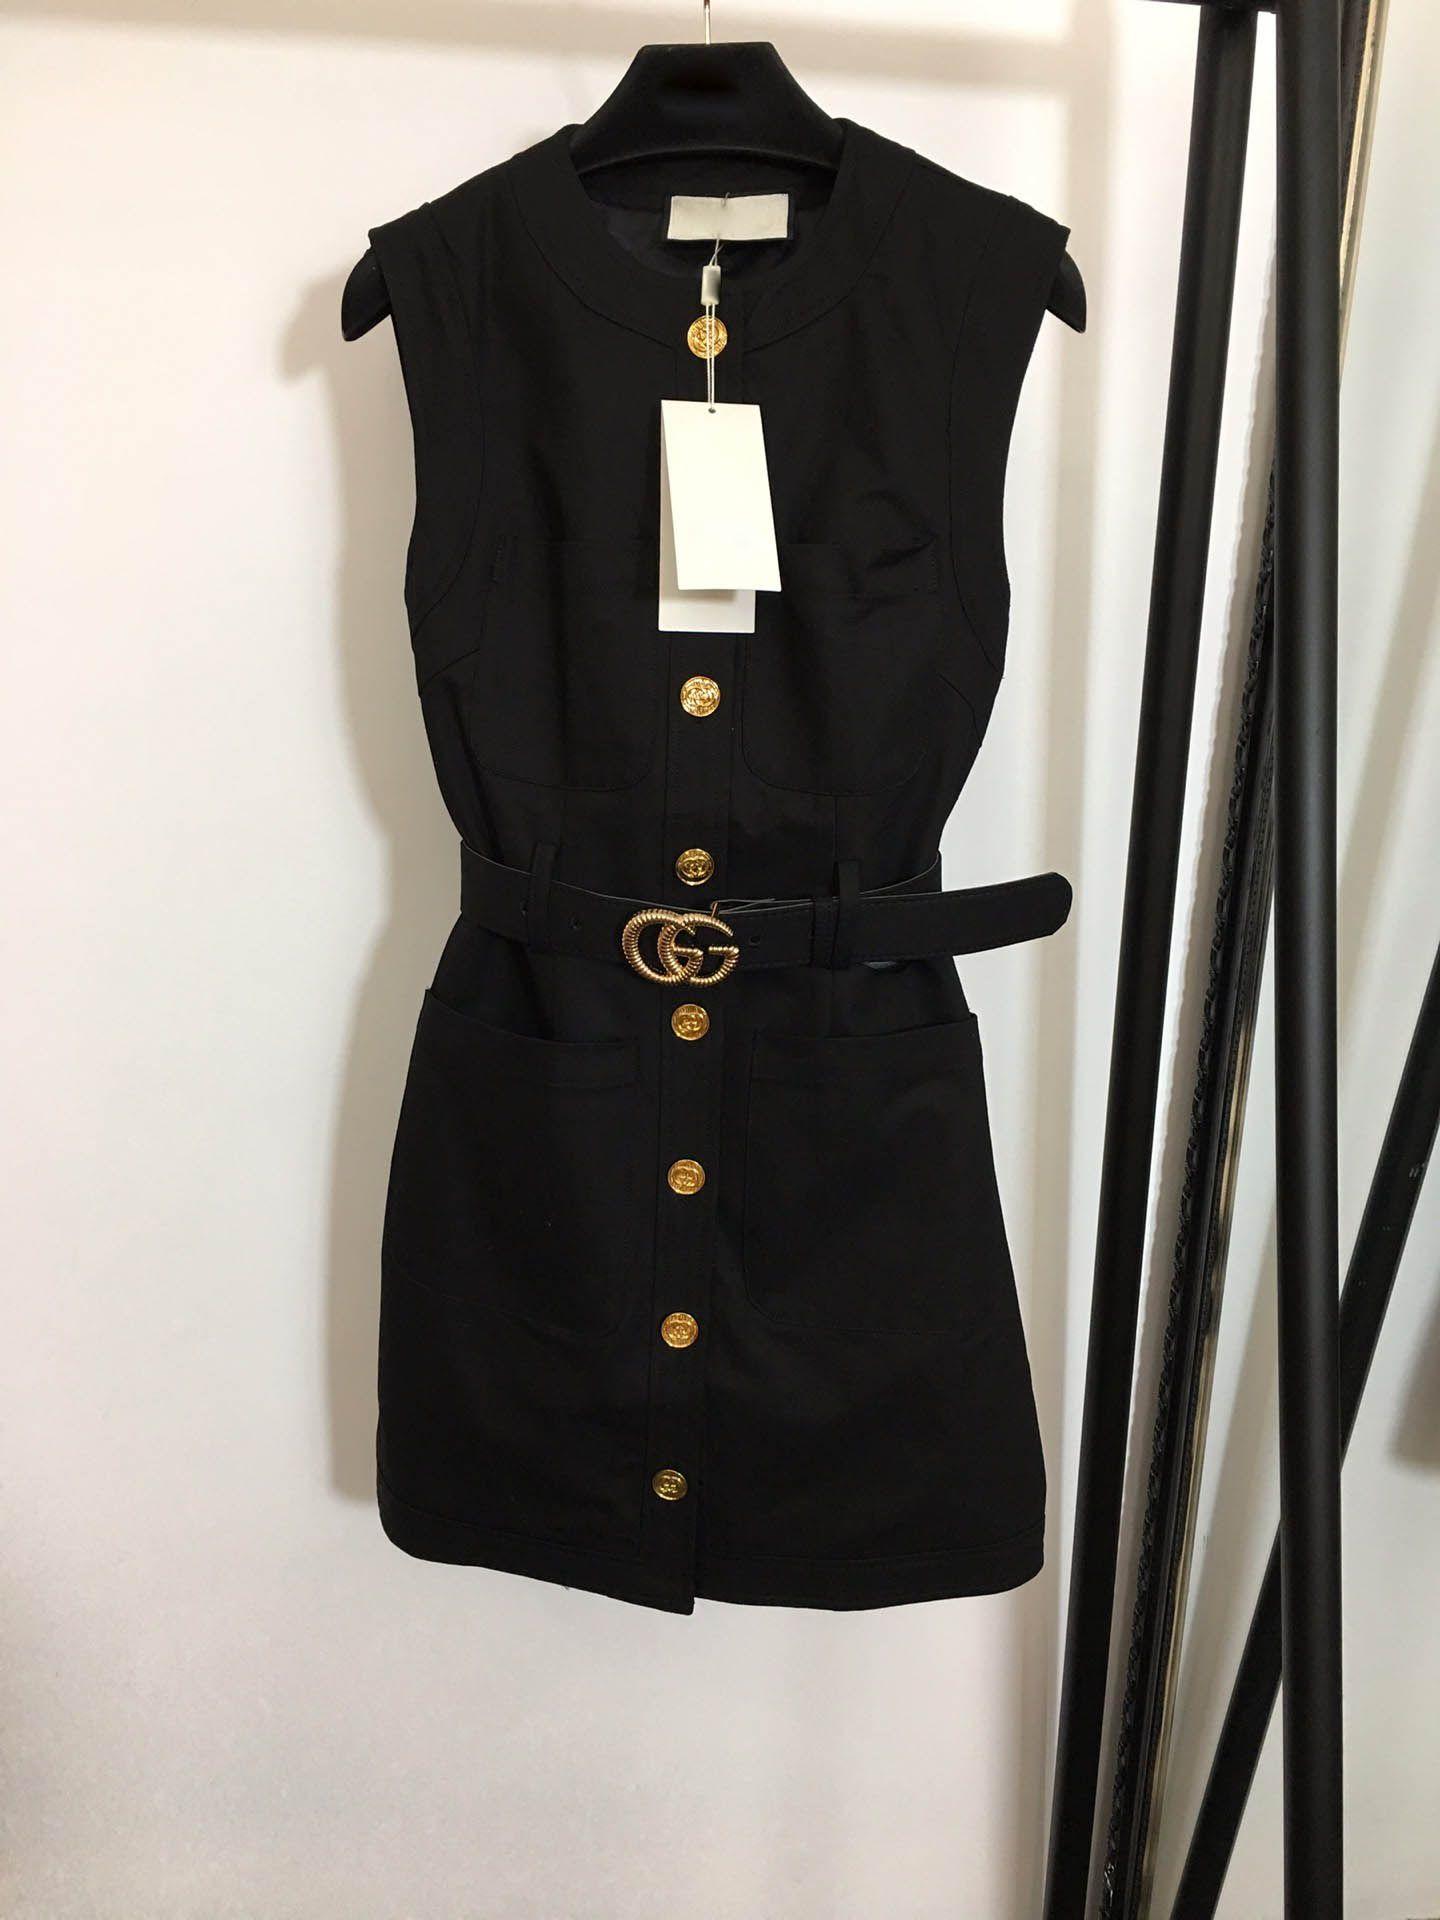 donne finiscono ragazze alte cady giubbotto lettera doppia abito camicia cintura patchwork monopetto maniche a-line del pannello milan abiti fashion design